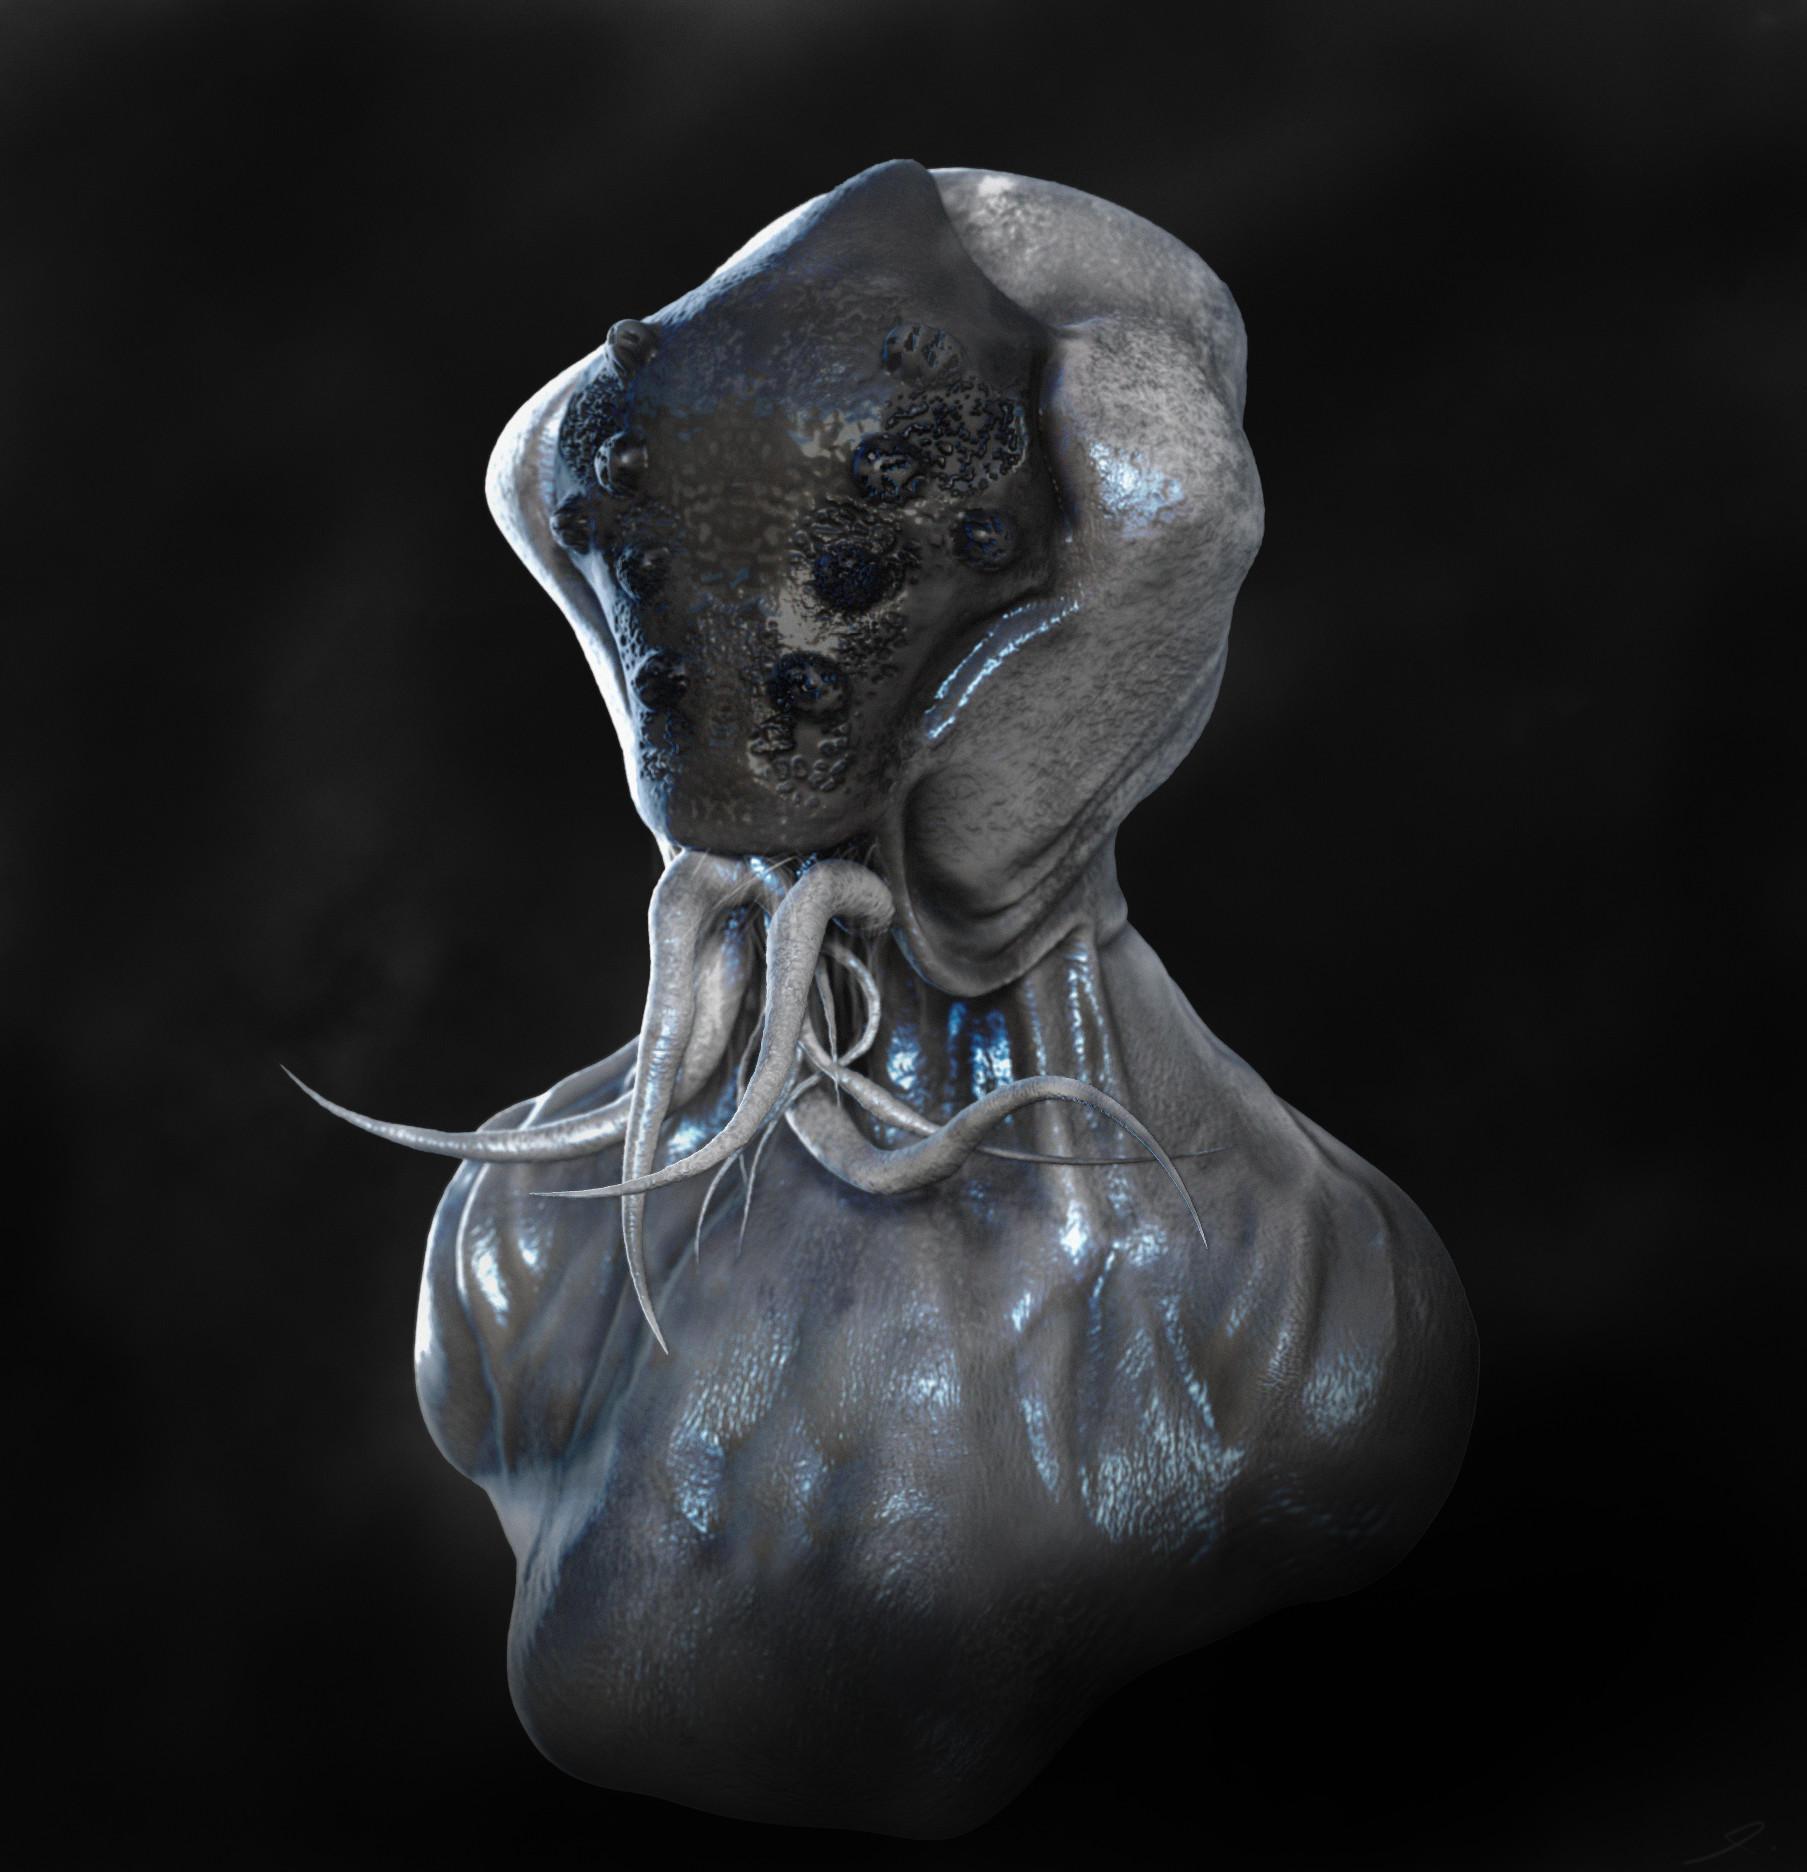 Peter tran kraken02